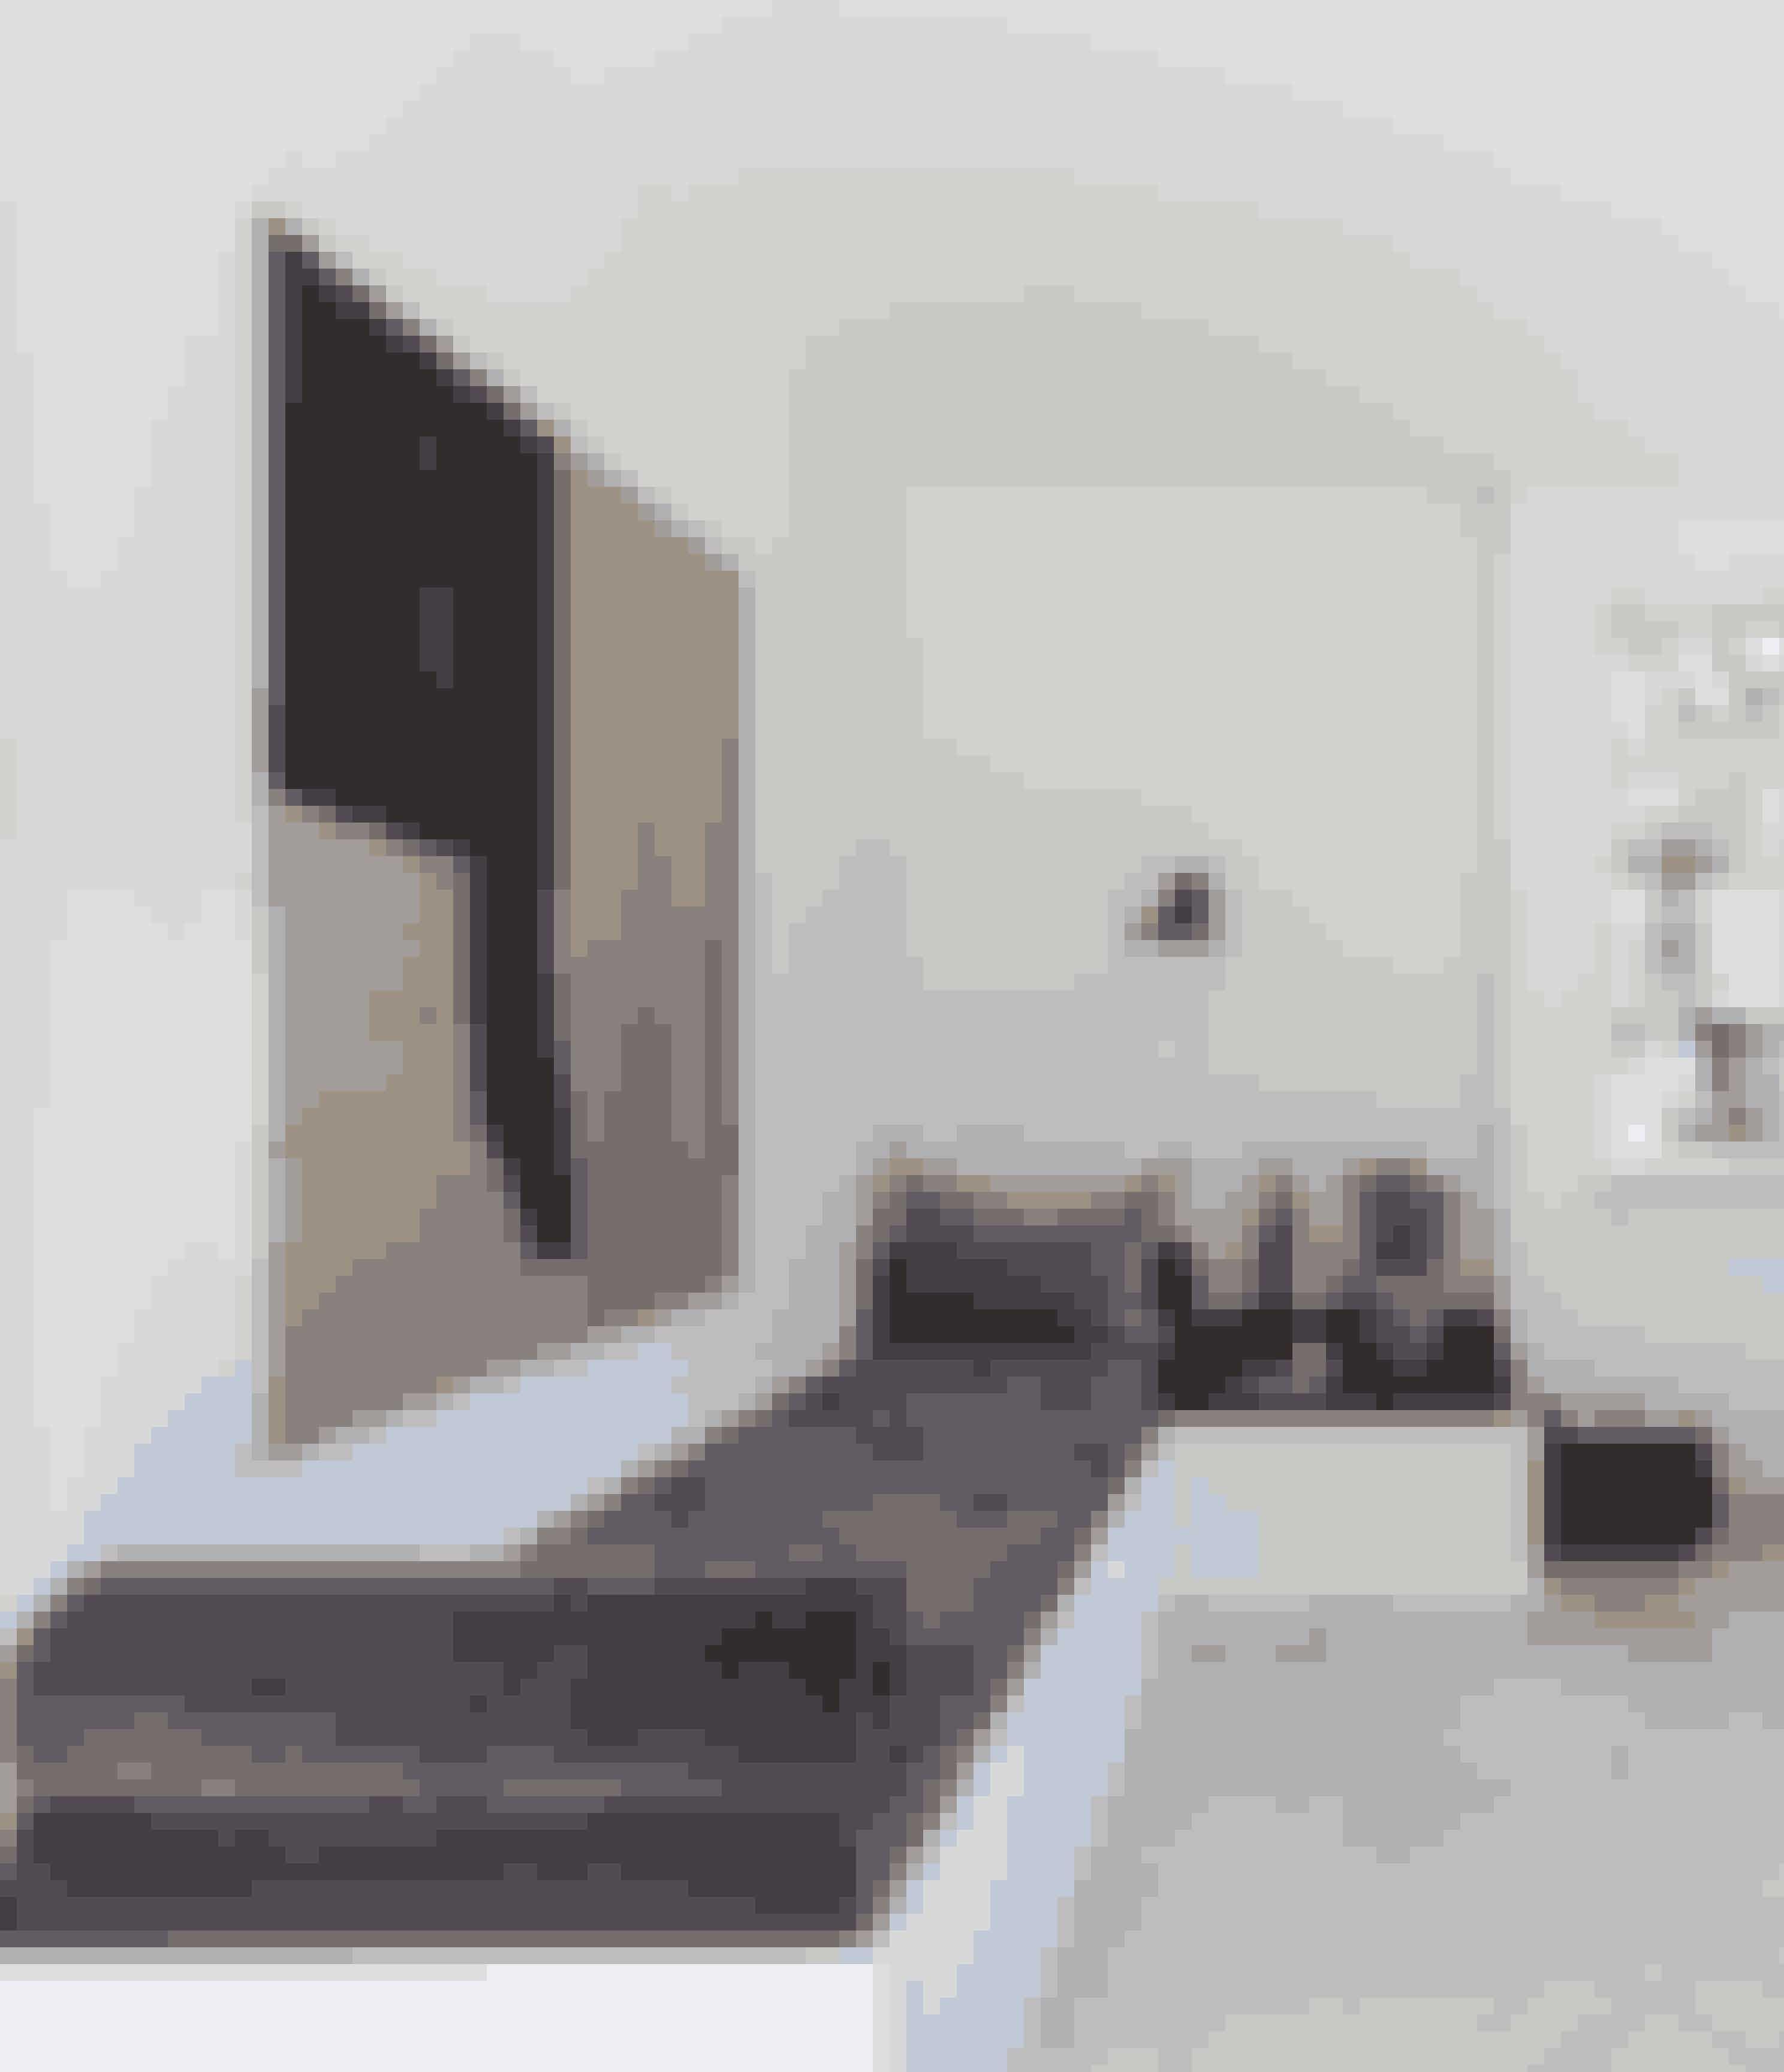 Ved at indrette en soveplads i kontoret kan det også fungere som gæsteværelse. Briksen er bygget til rummet og var egentlig en hjørnesofa, men den korte side fungerer nu som bord. Hynden er specialfremstillet hos Hyndeskrædderne i Brønshøj, og lakbakken på bænkebordet er også lavet efter mål.